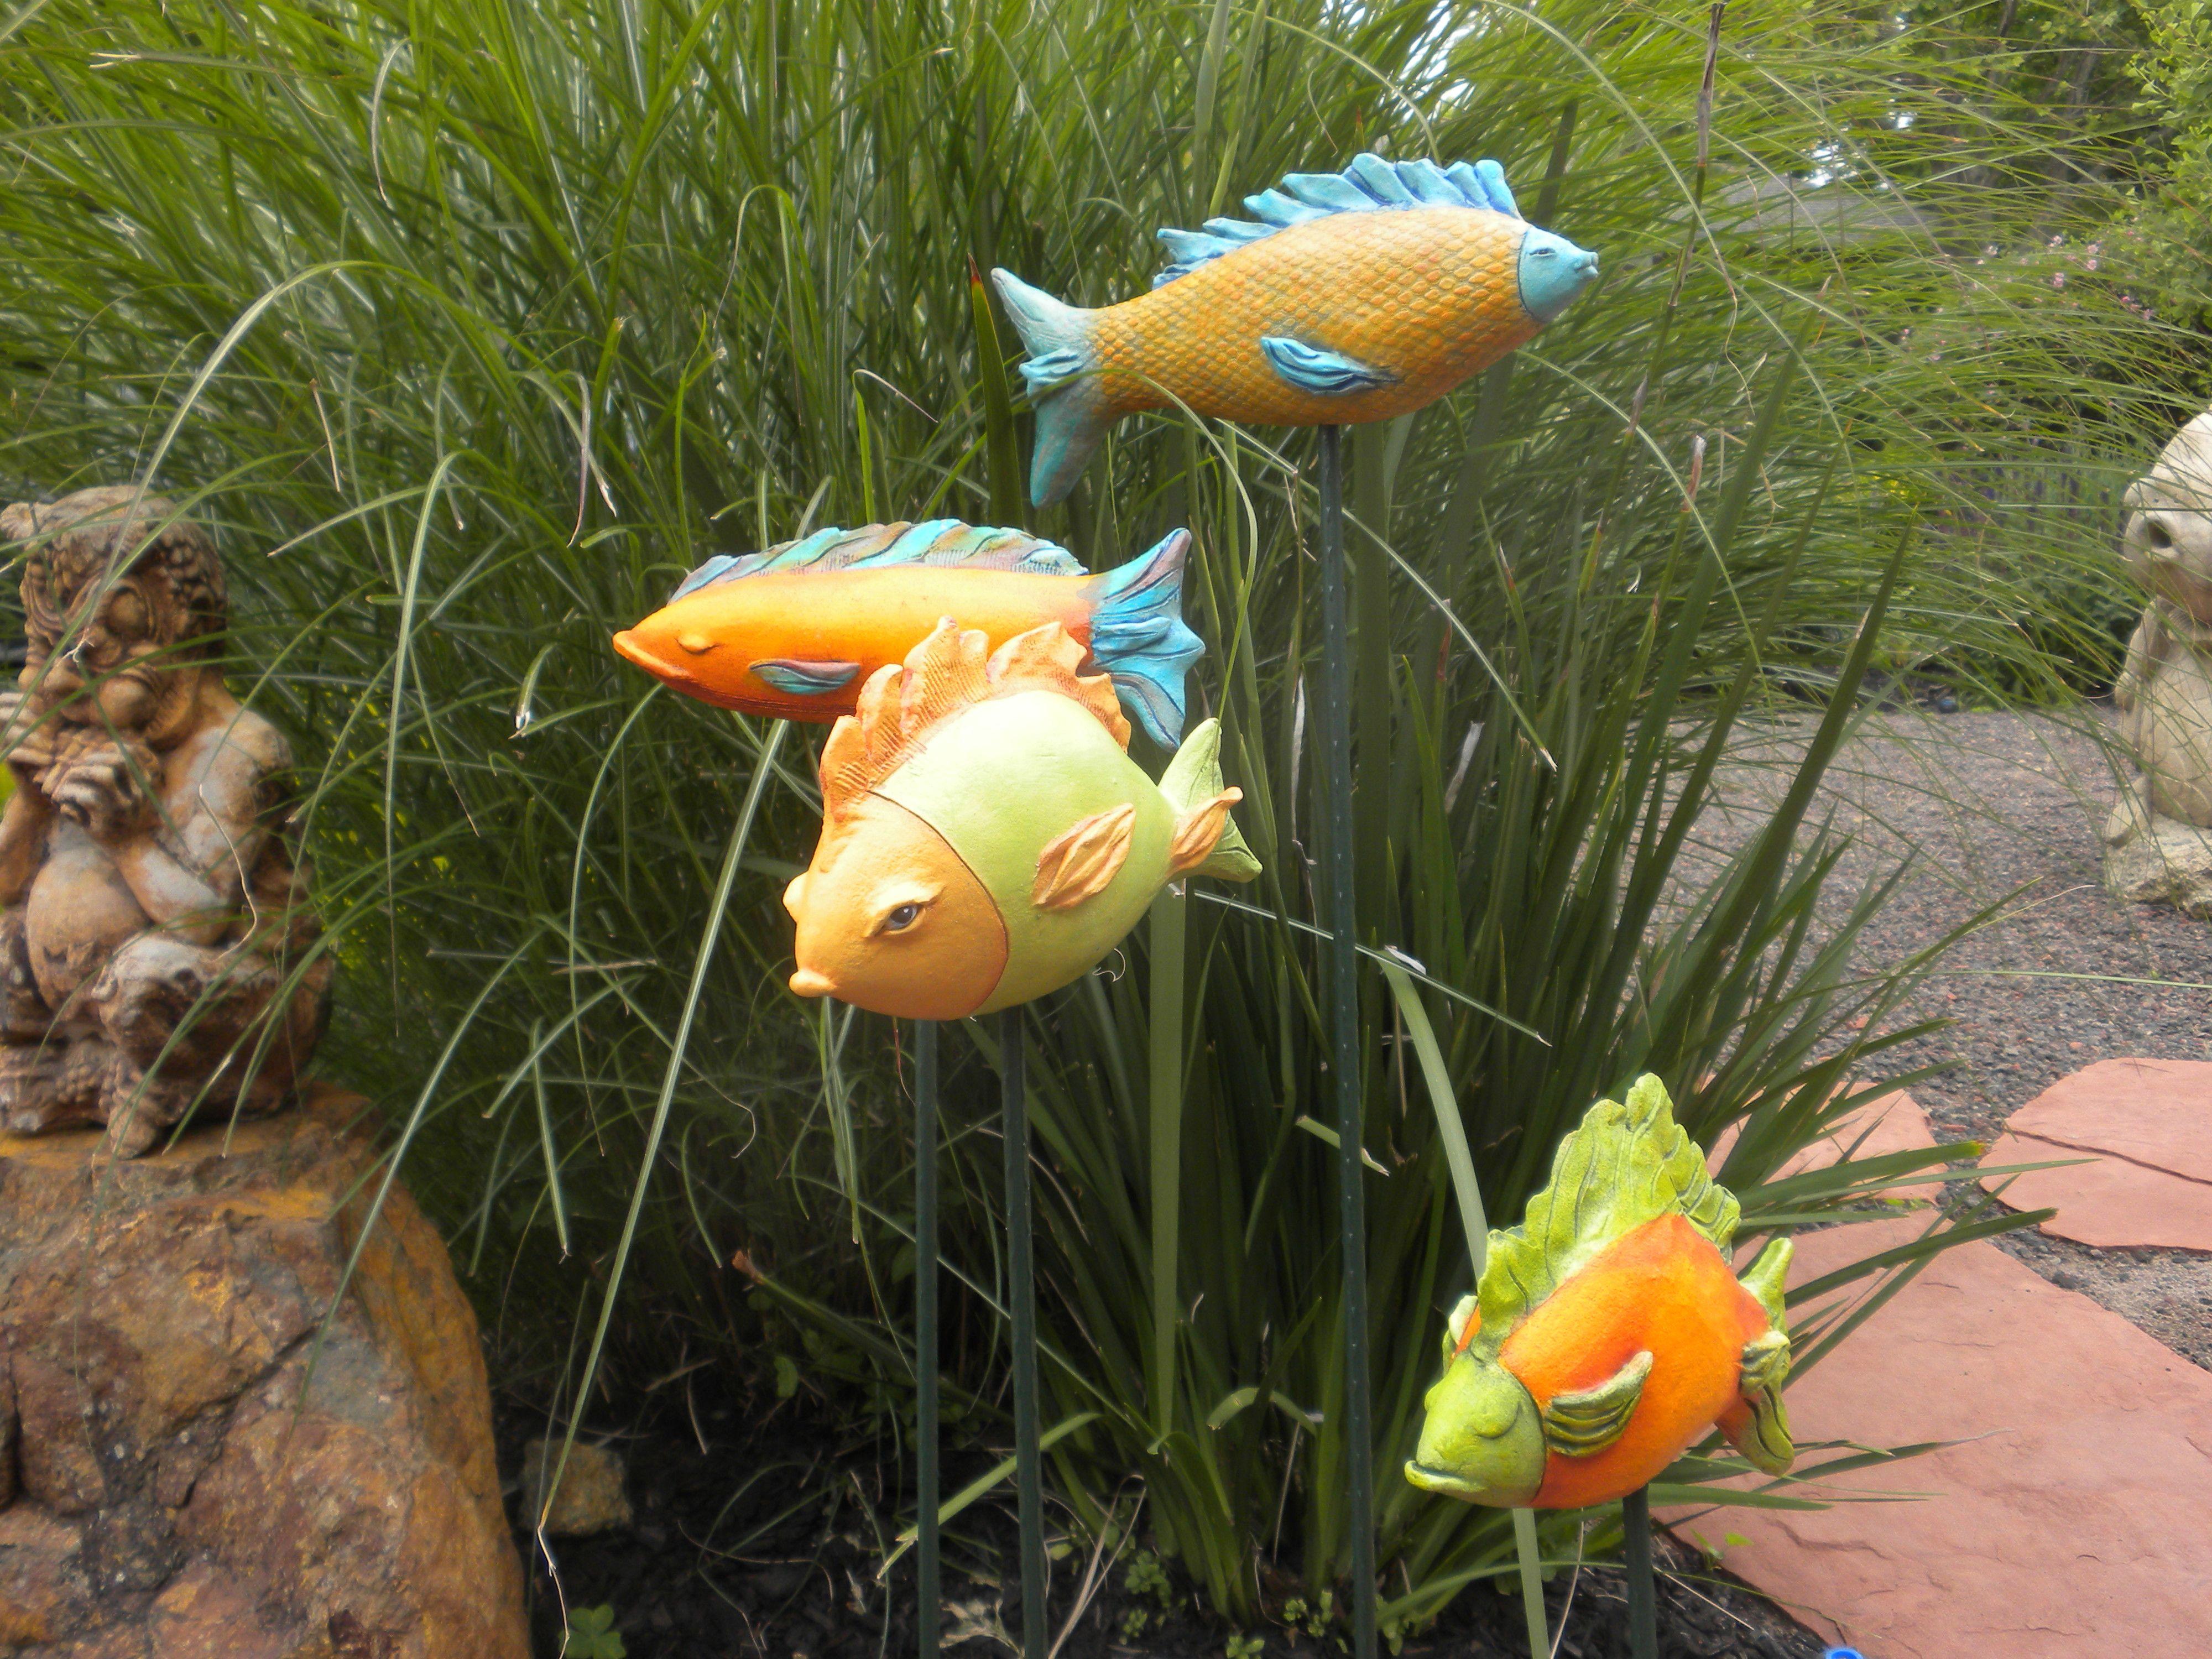 Garden Fish/ Ceramic Sculpture By LisaLeeSculpture.com Ceramic Fish,  Ceramic Animals, Clay